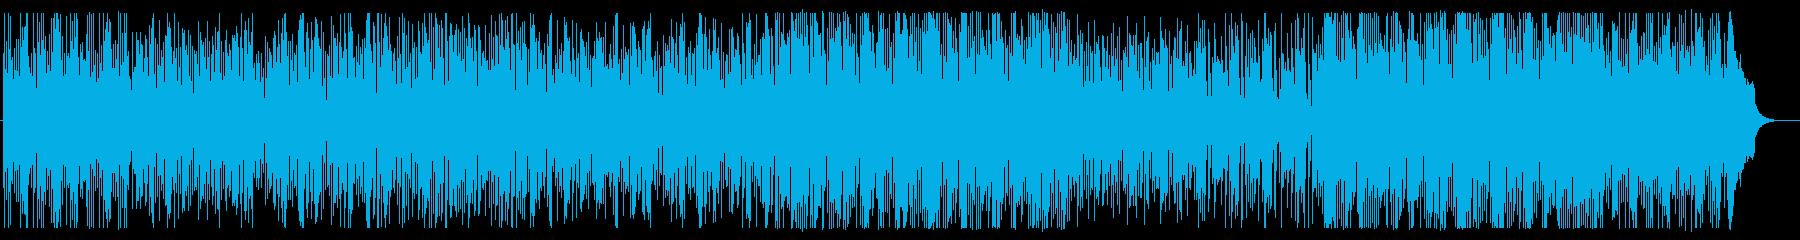 フルートの旋律で奏でる陽気なポップスの再生済みの波形